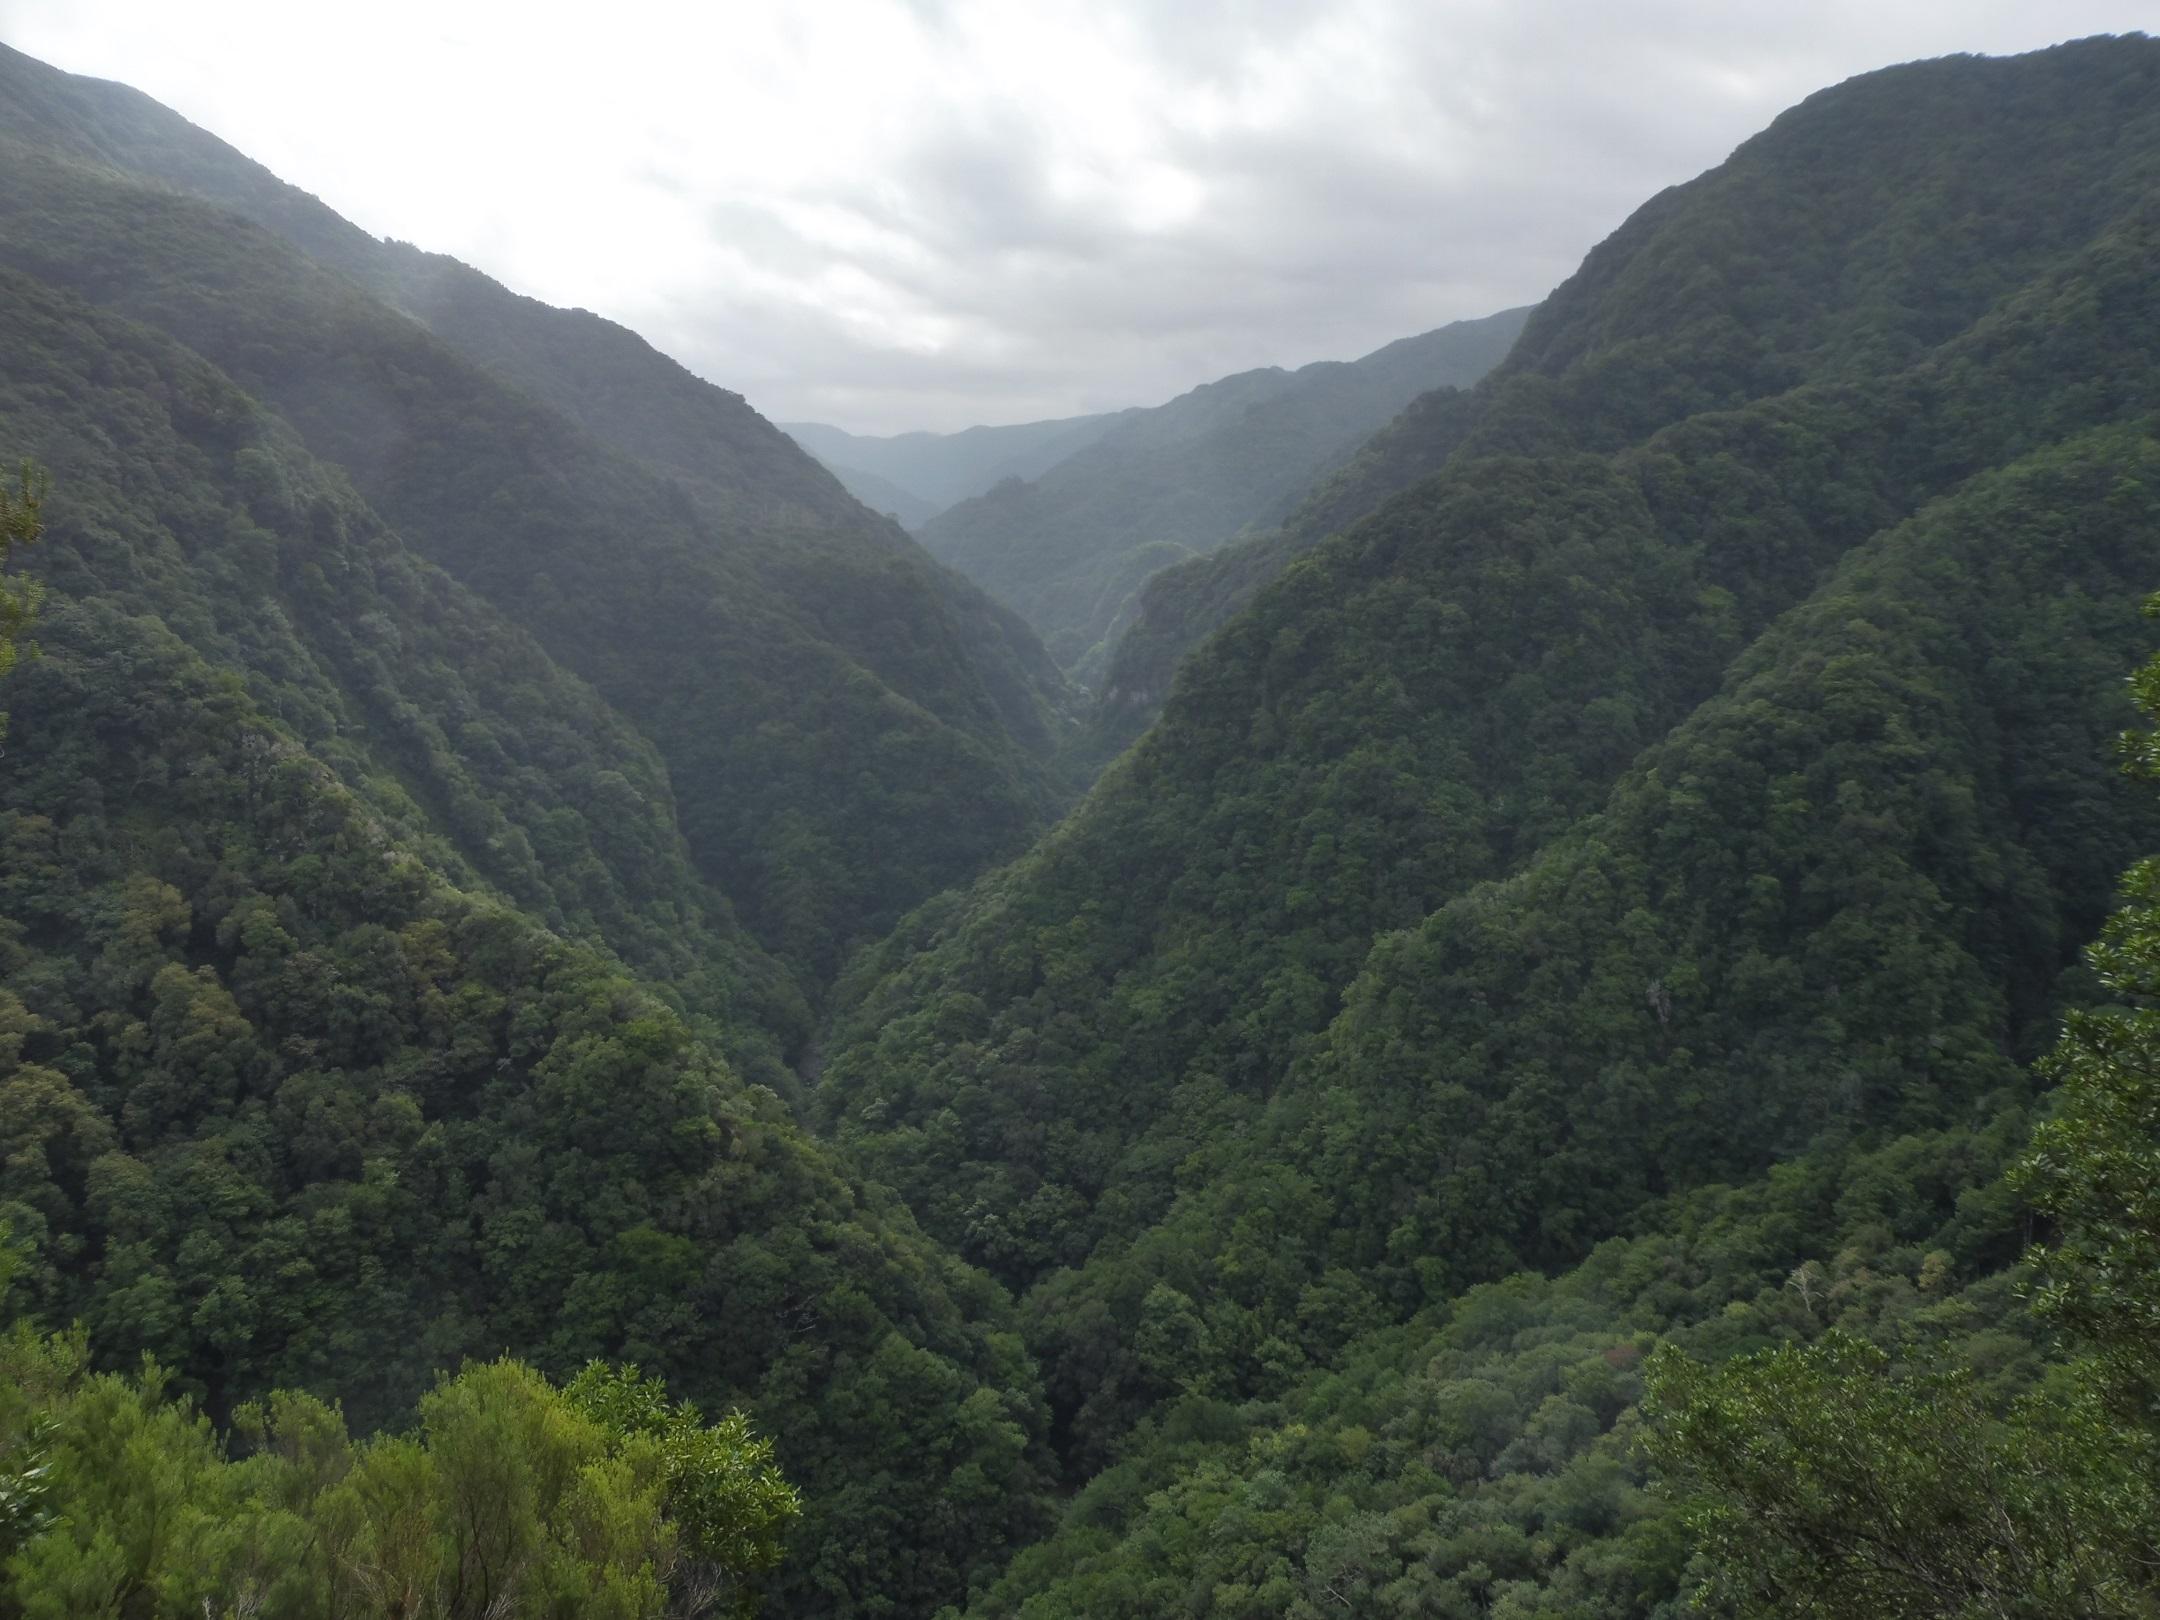 Ribeira da Janela völgy